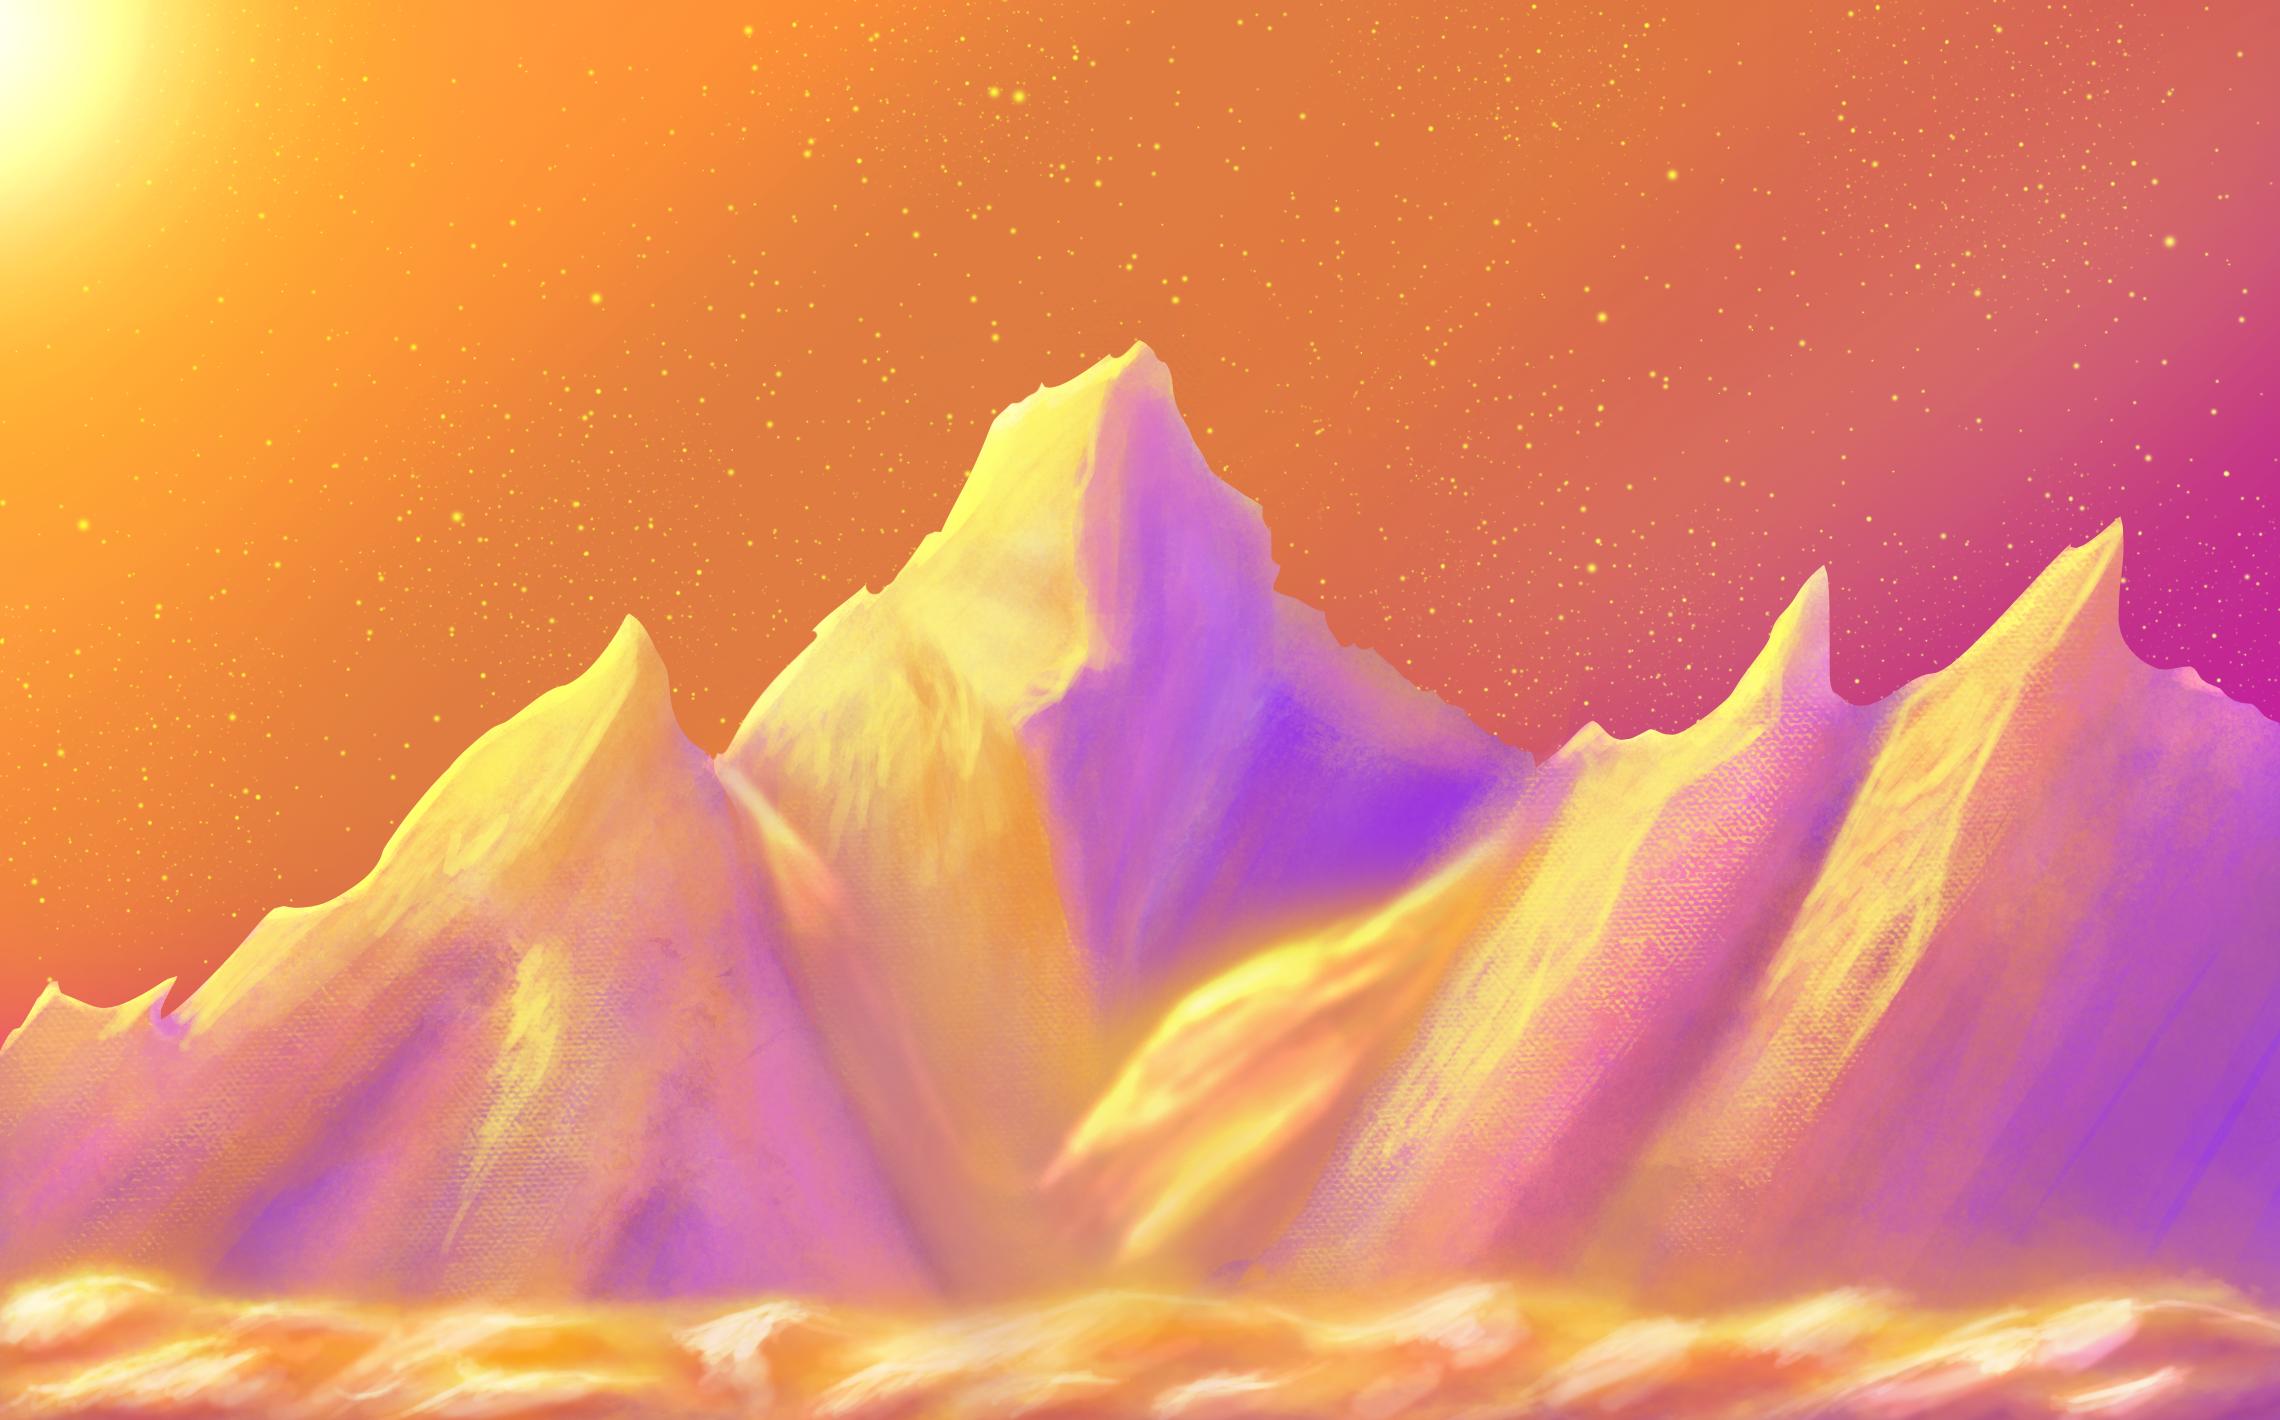 Retro mountains